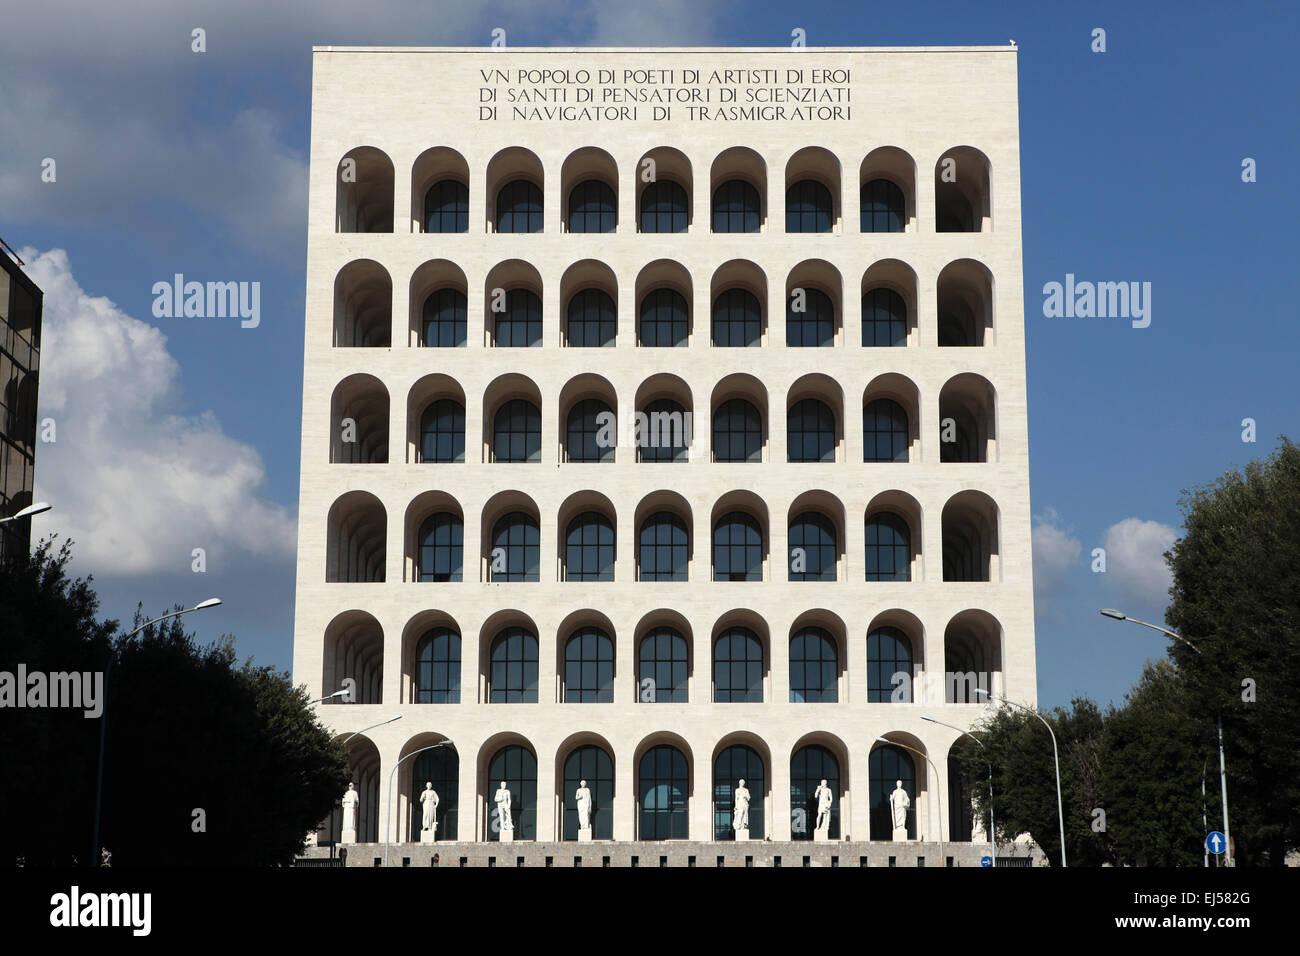 Palazzo della Civilta Italiana, también conocido como el Coliseo Cuadrado en el distrito EUR de Roma, Italia. Imagen De Stock